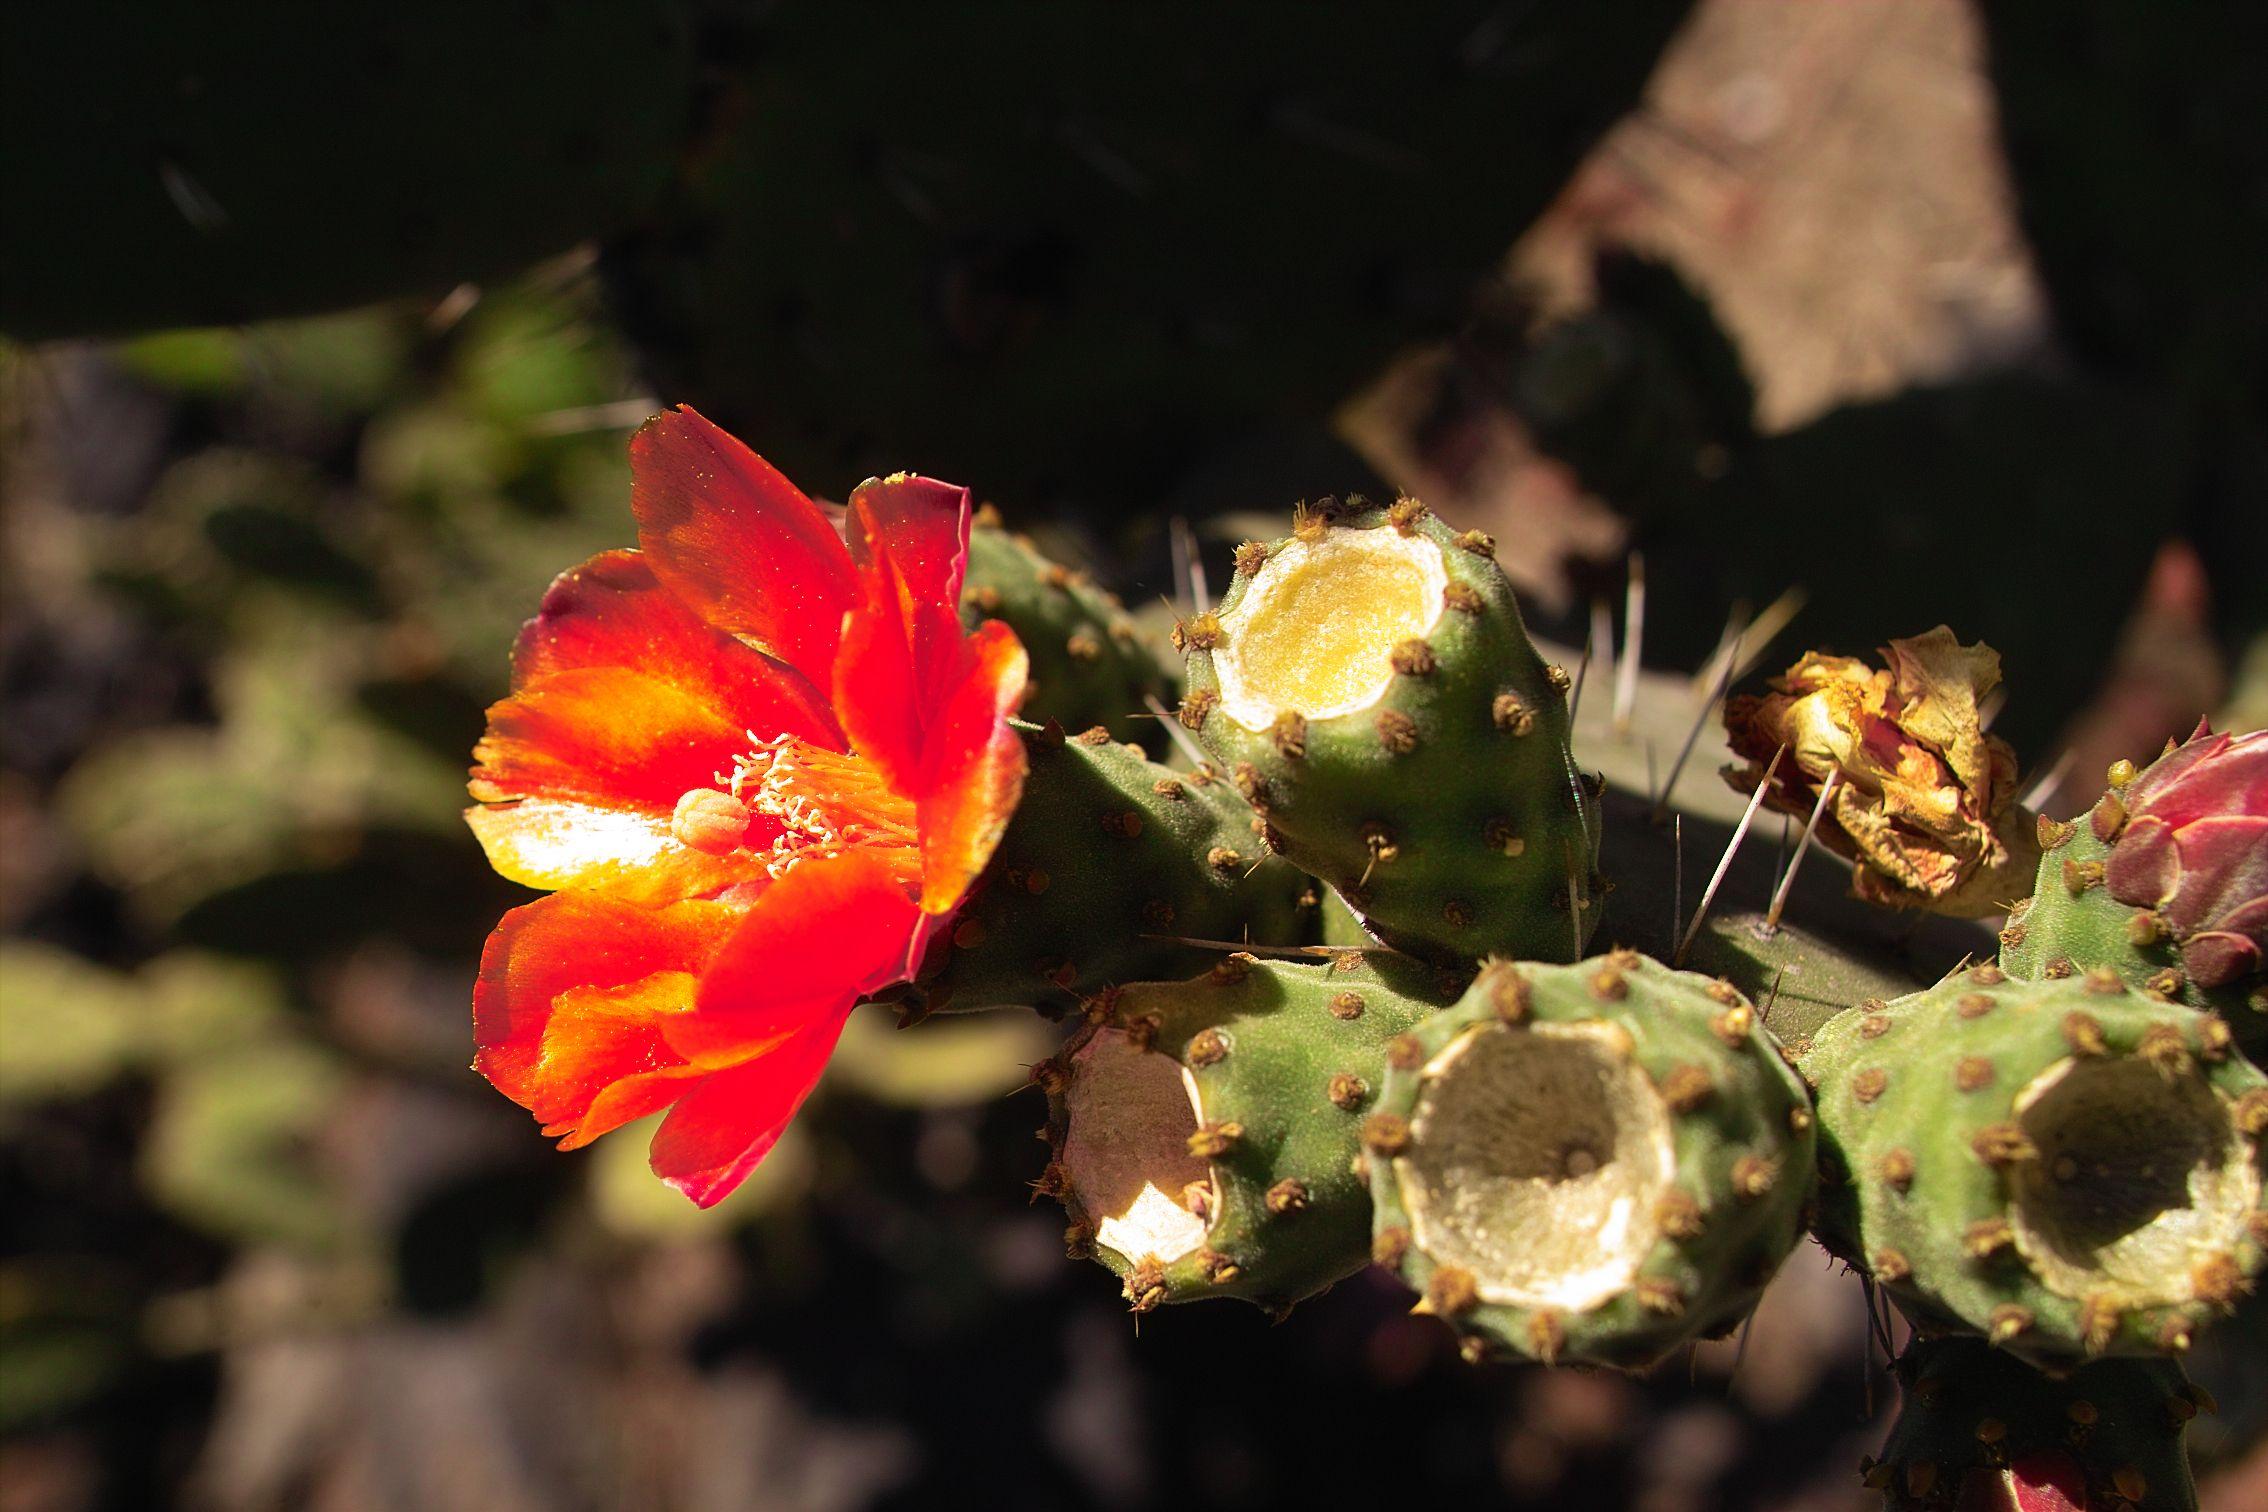 Para ecologistas y runners: el Jardín Botánico de CU. En este lugar a uno lo acompaña el canto de las aves. Se siente esa brisita fresca en el rostro que invita a seguir. Ustedes que corren saben bien de qué hablo. http://cronicasdeasfalto.com/para-ecologistas-y-runners-el-jardin-botanico-de-cu/